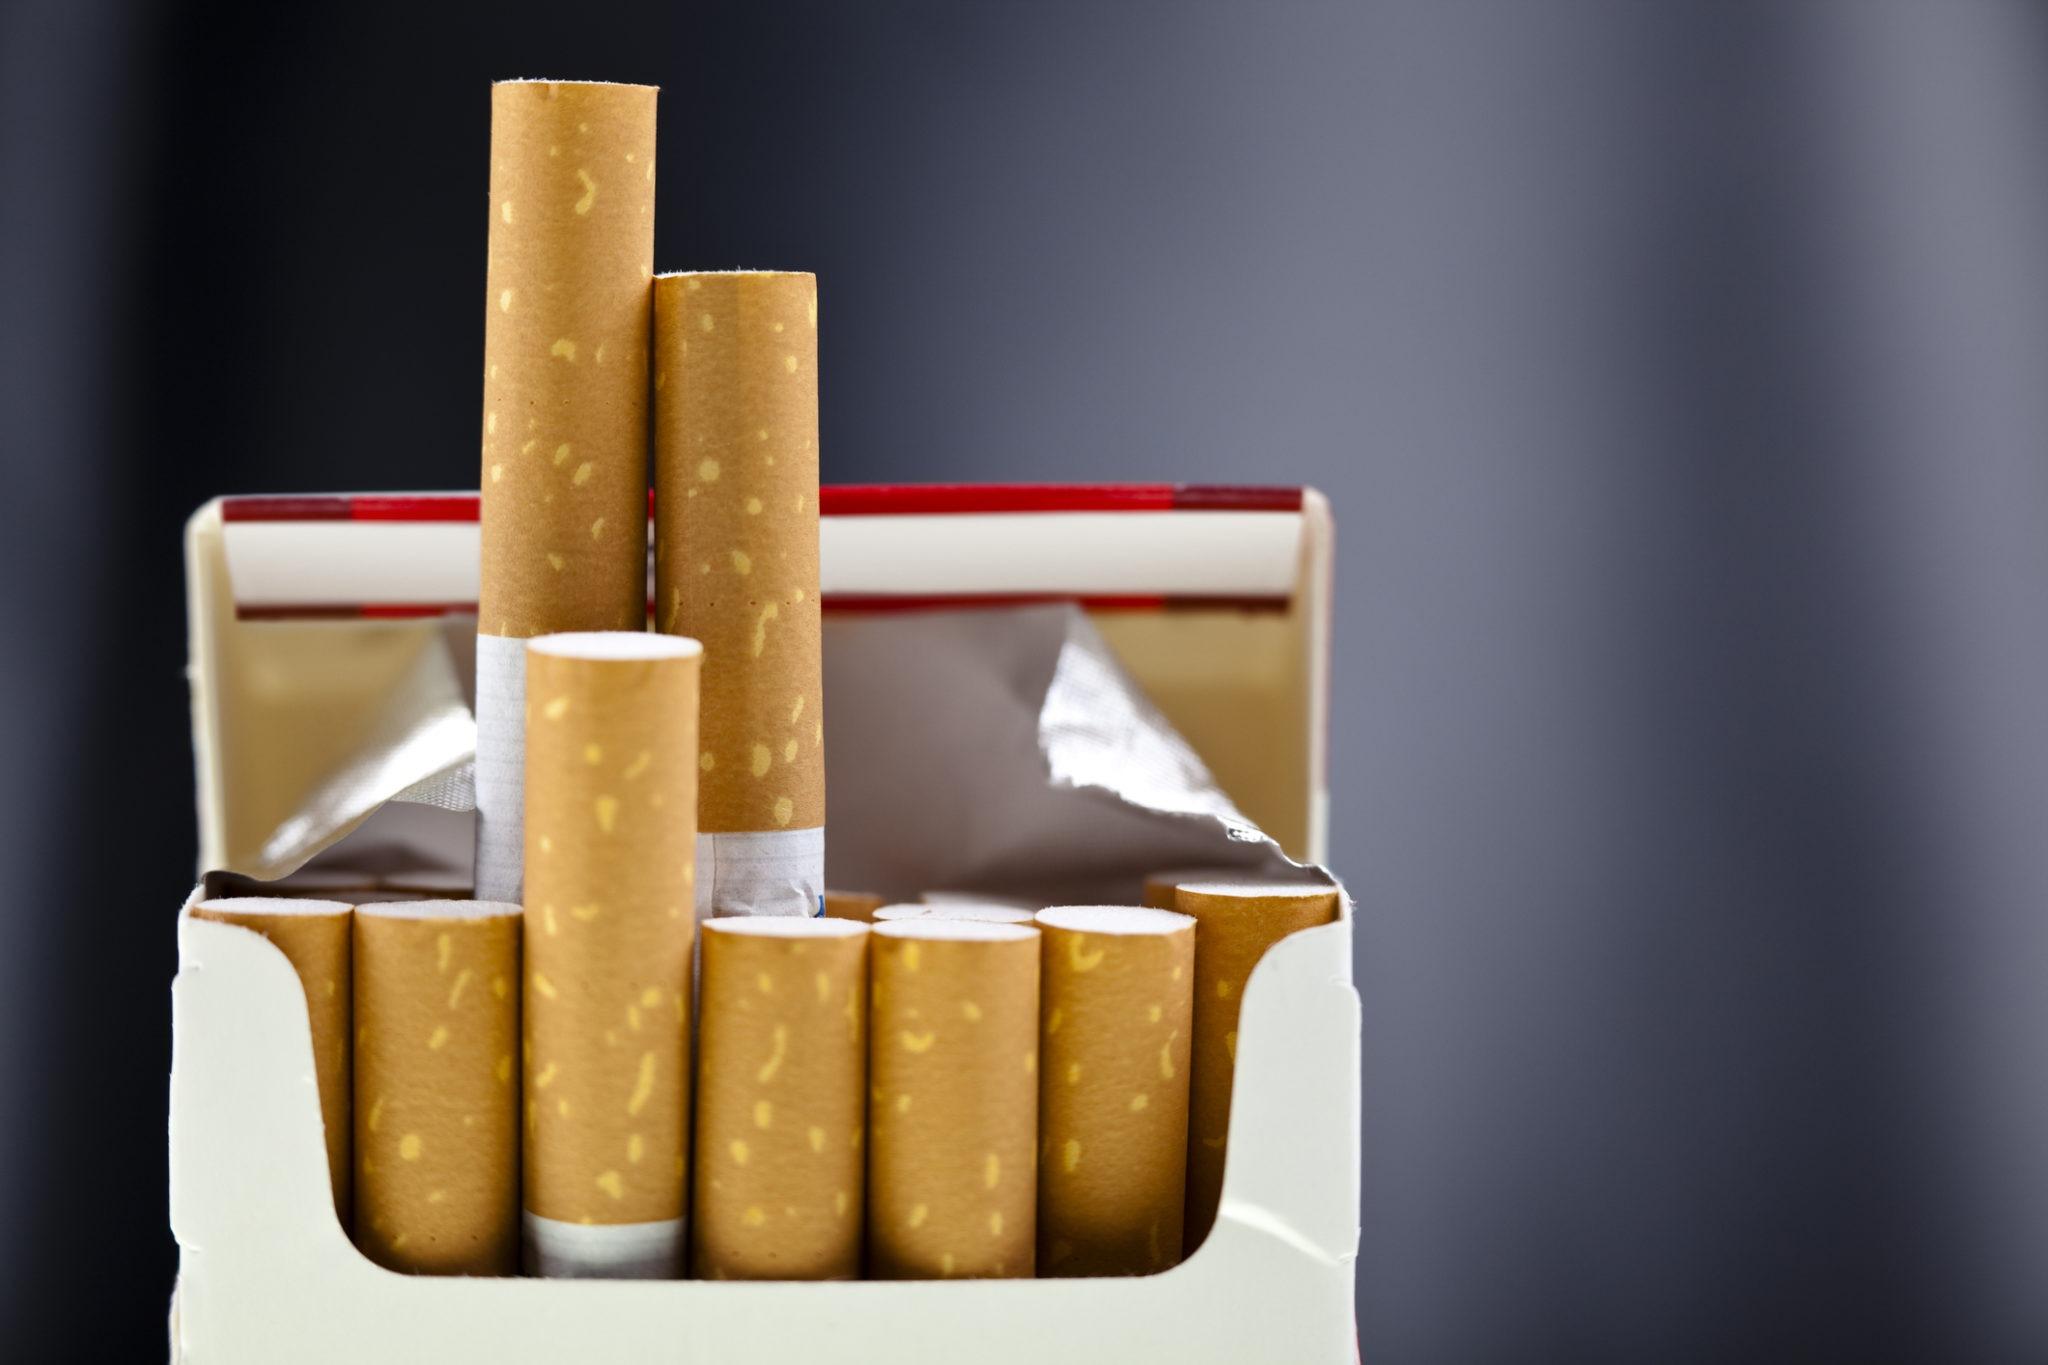 Paquet cigarettes tabac prix